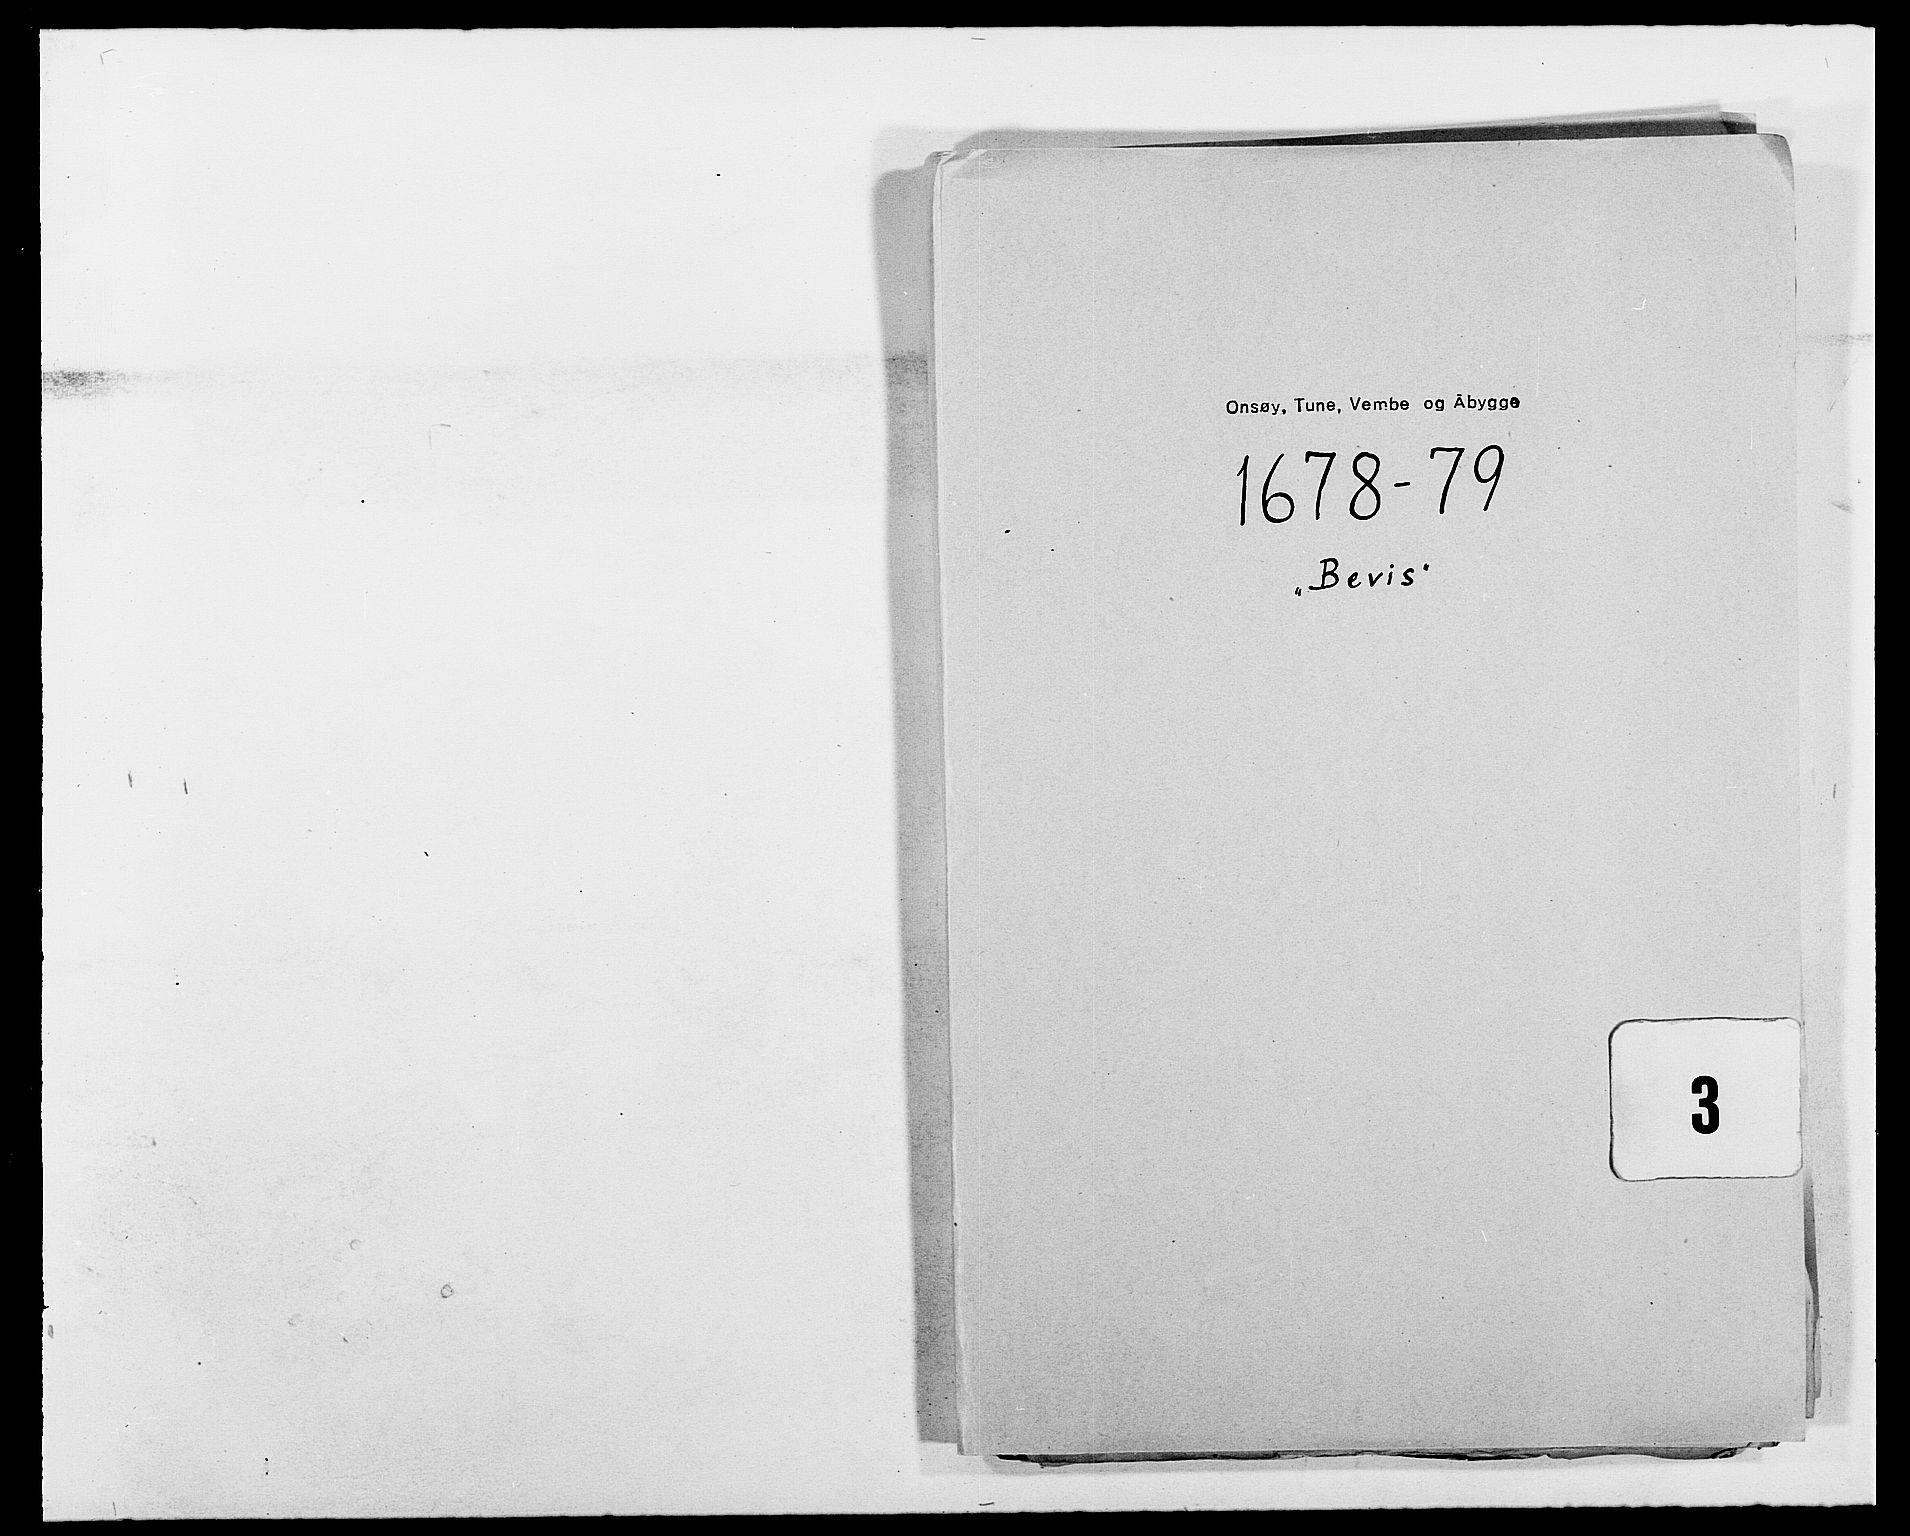 RA, Rentekammeret inntil 1814, Reviderte regnskaper, Fogderegnskap, R03/L0110: Fogderegnskap Onsøy, Tune, Veme og Åbygge fogderi, 1678-1679, s. 253